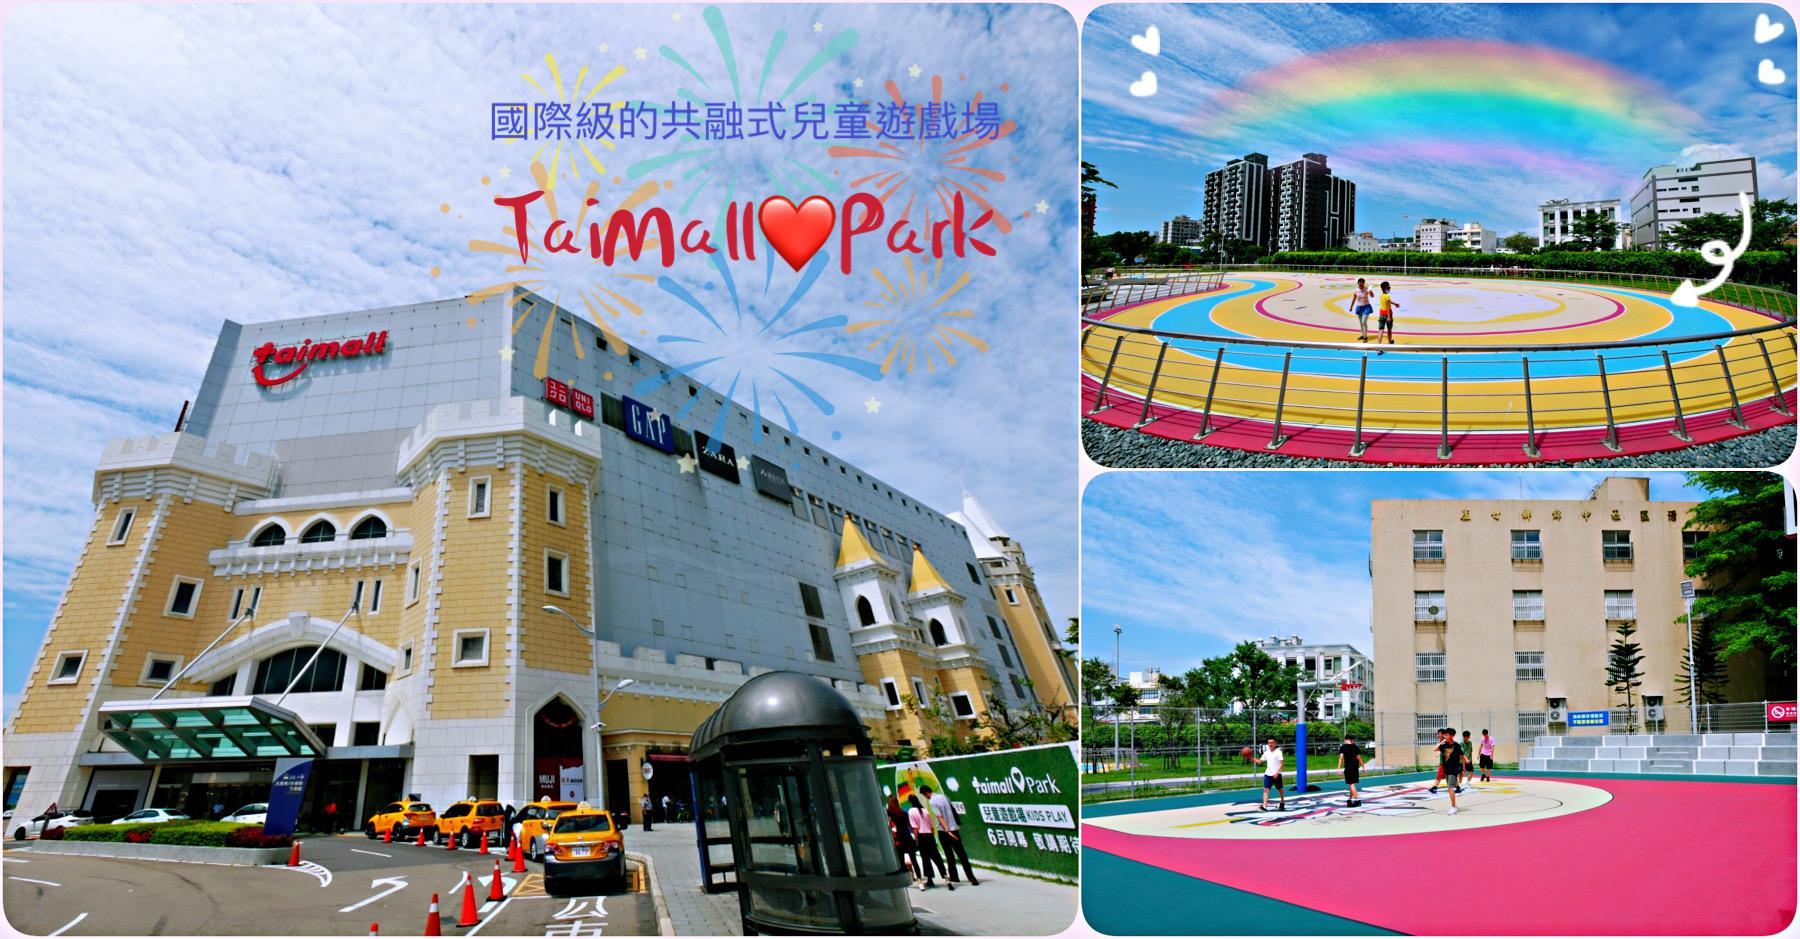 最新推播訊息:[南崁旅遊]台茂購物中心|Taimall♥Park 2020國際級的共融式兒童遊戲場今夏新登場‧六月前陸續免費開放使用